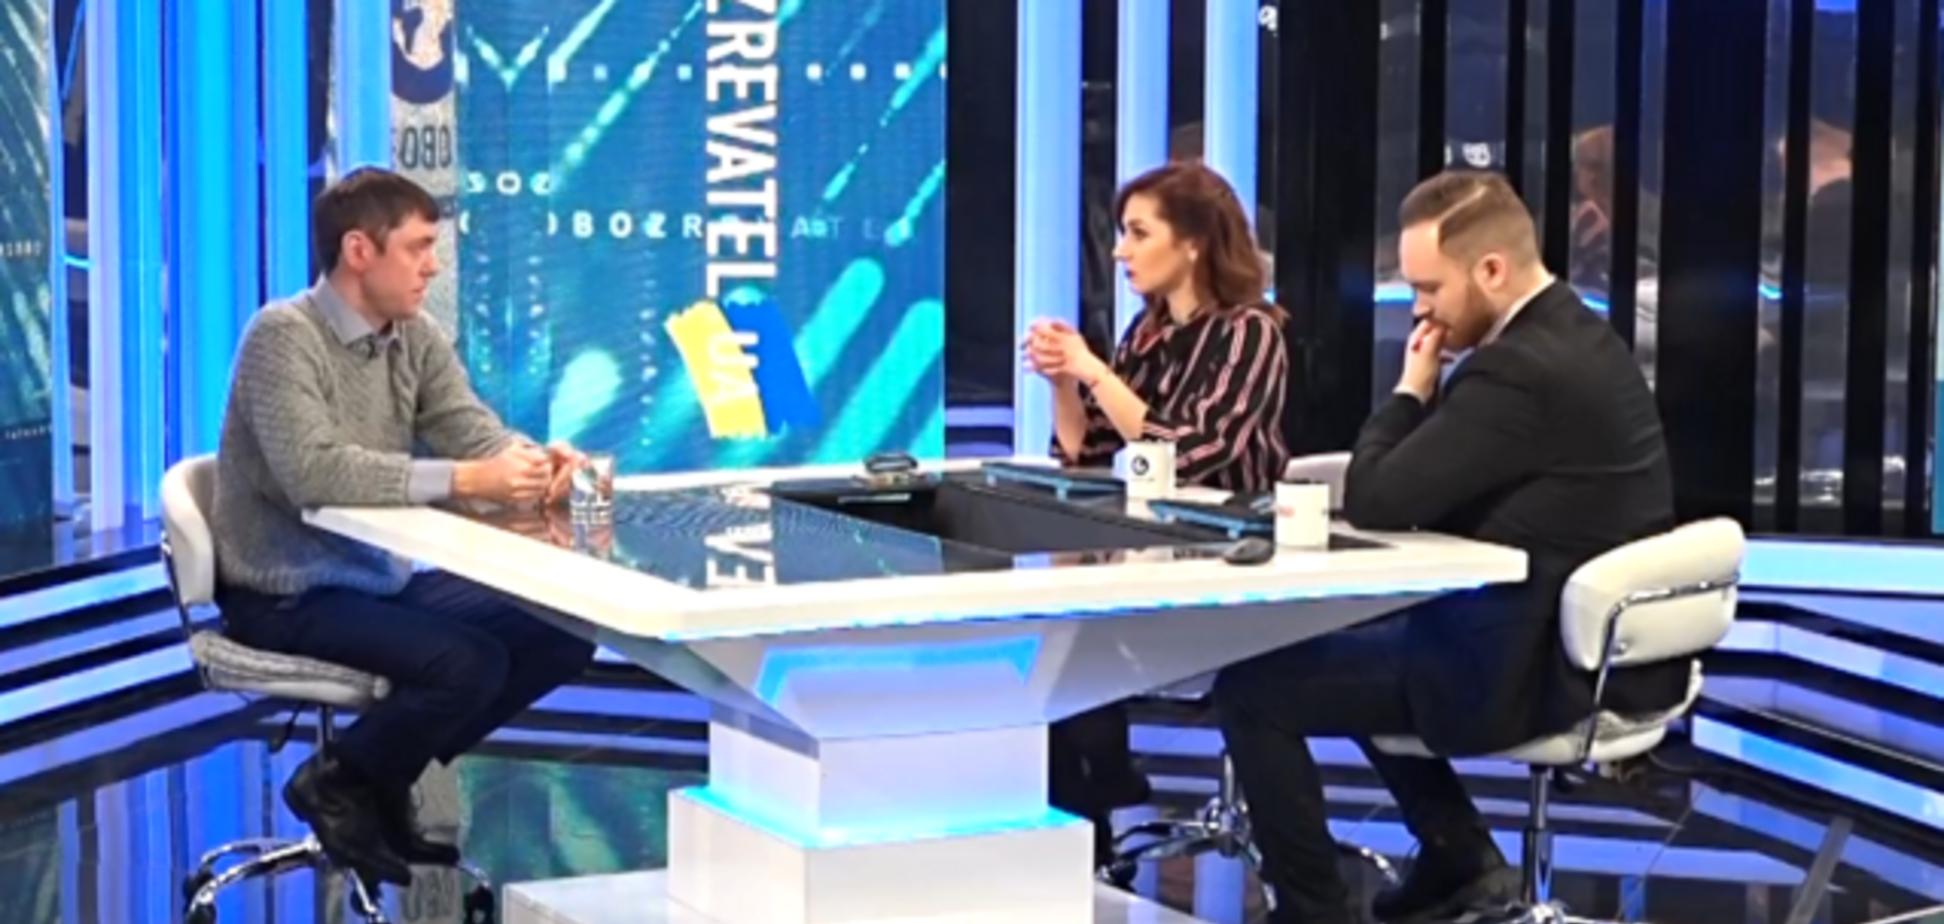 Фейки, пропаганда і зломи електронних виборчих систем: експерт розповів про методи Росії впливу на вибори